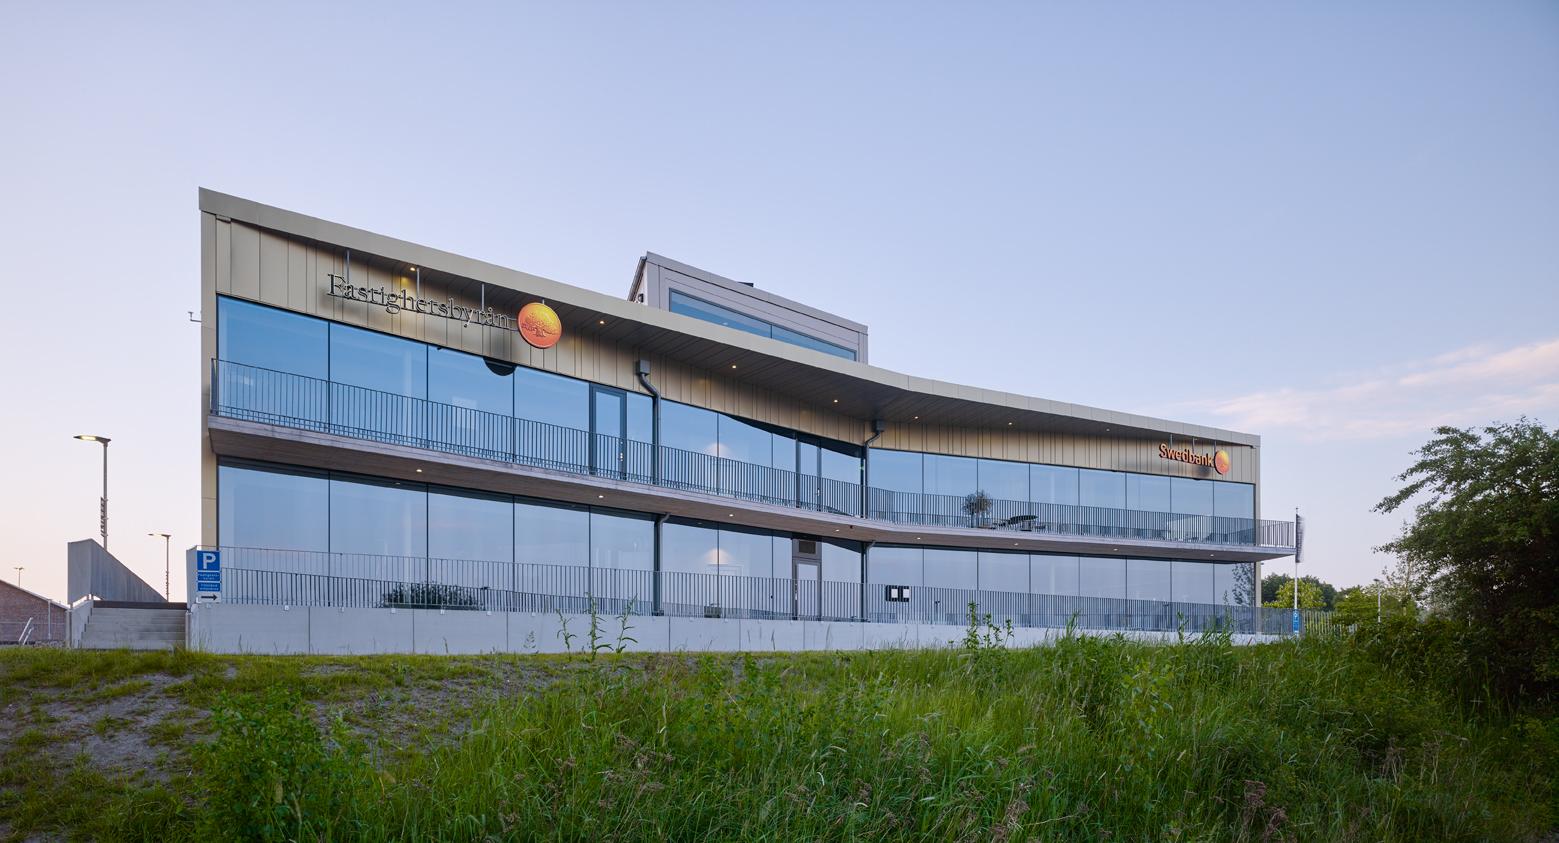 Swedbank, Västra FrölundaLiljewall arkitekter